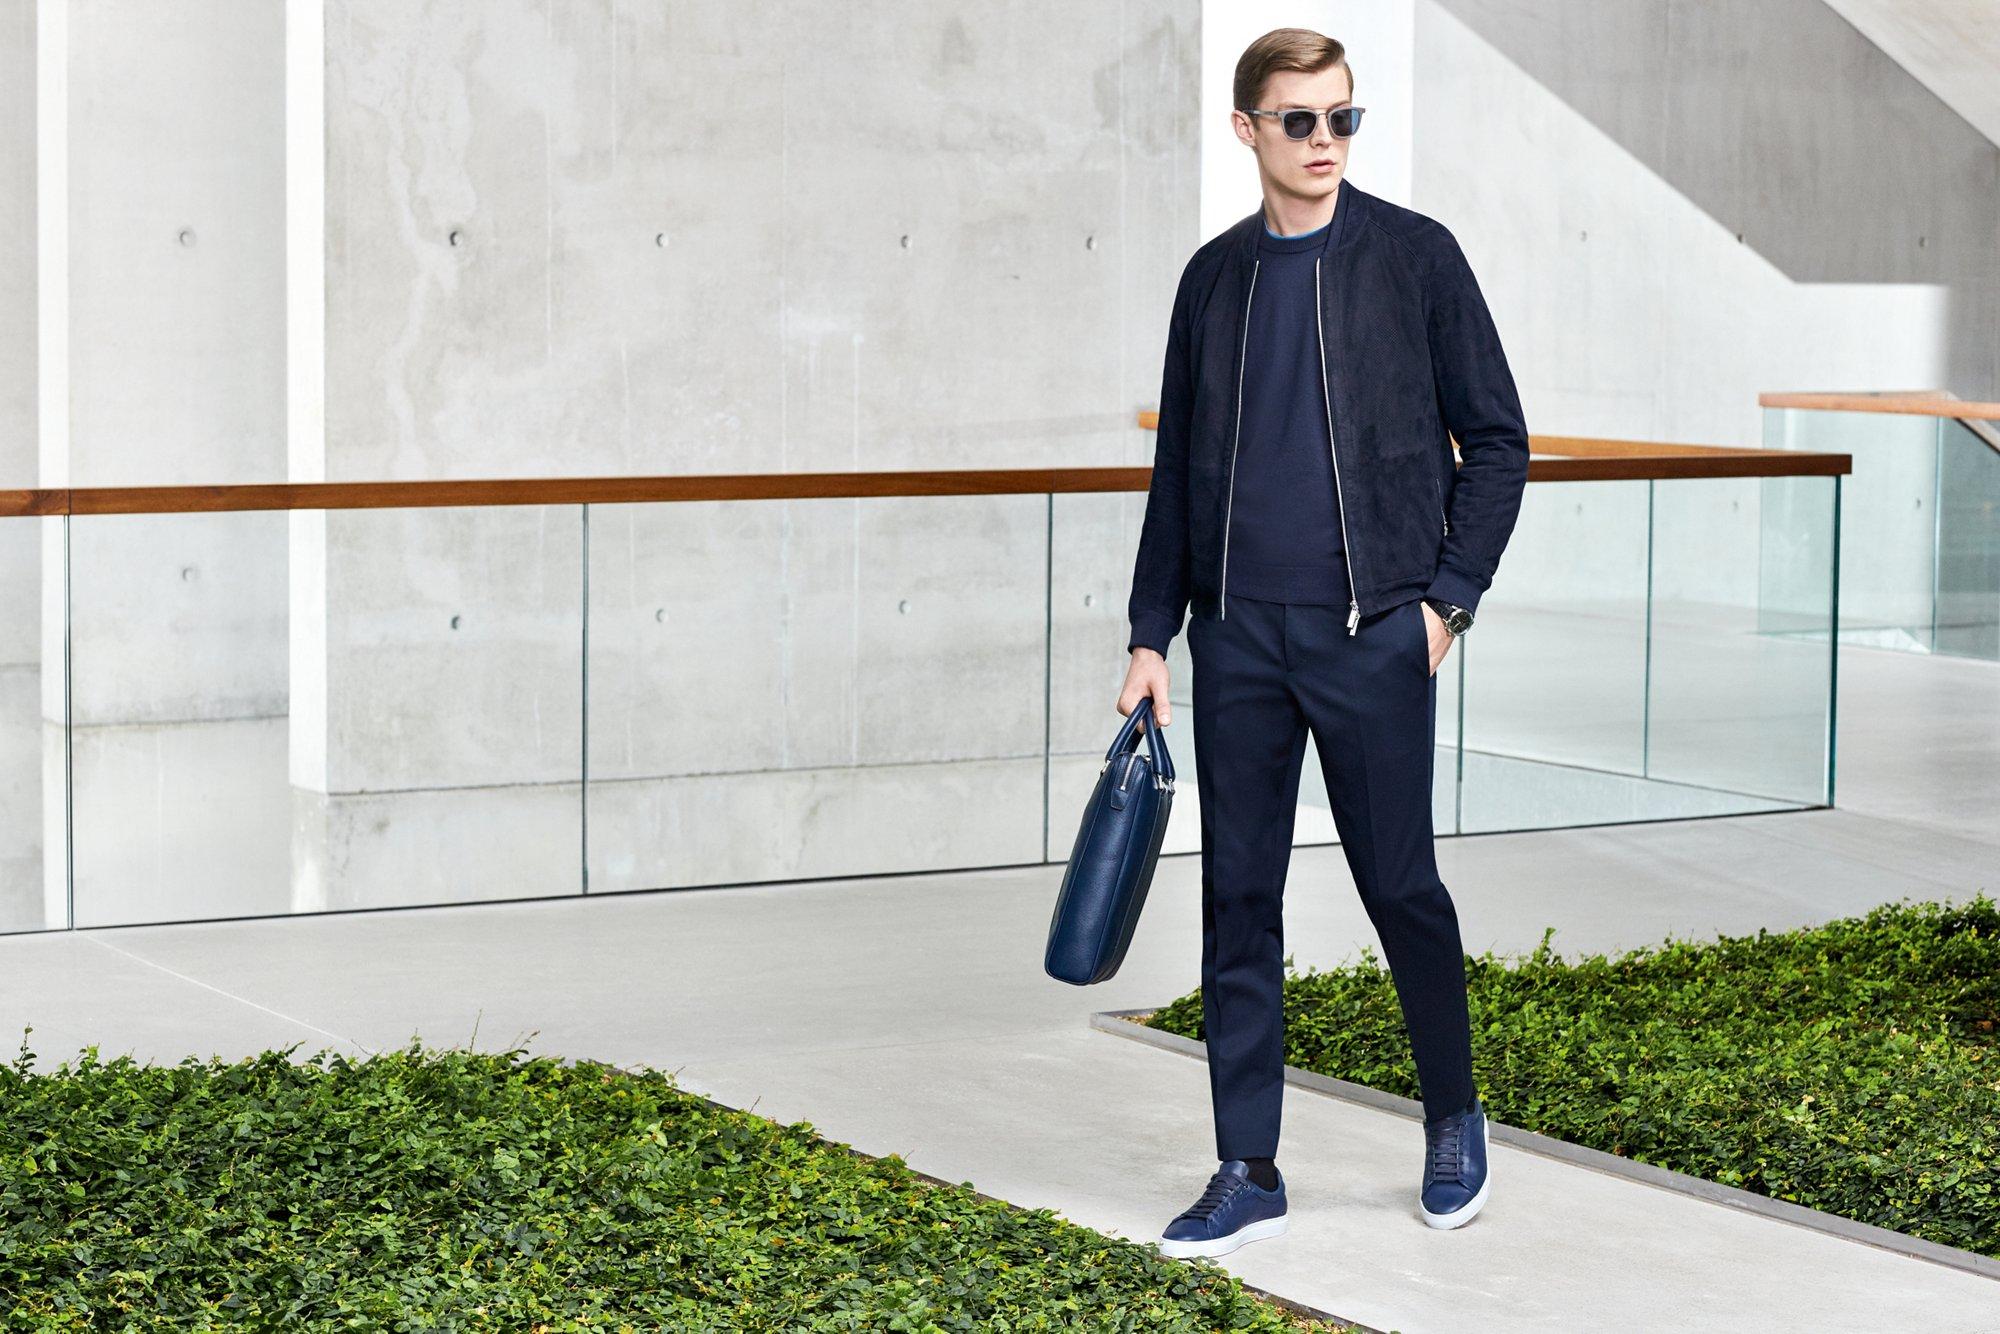 Jacket, shirt, sunglasses and watch by BOSS Menswear